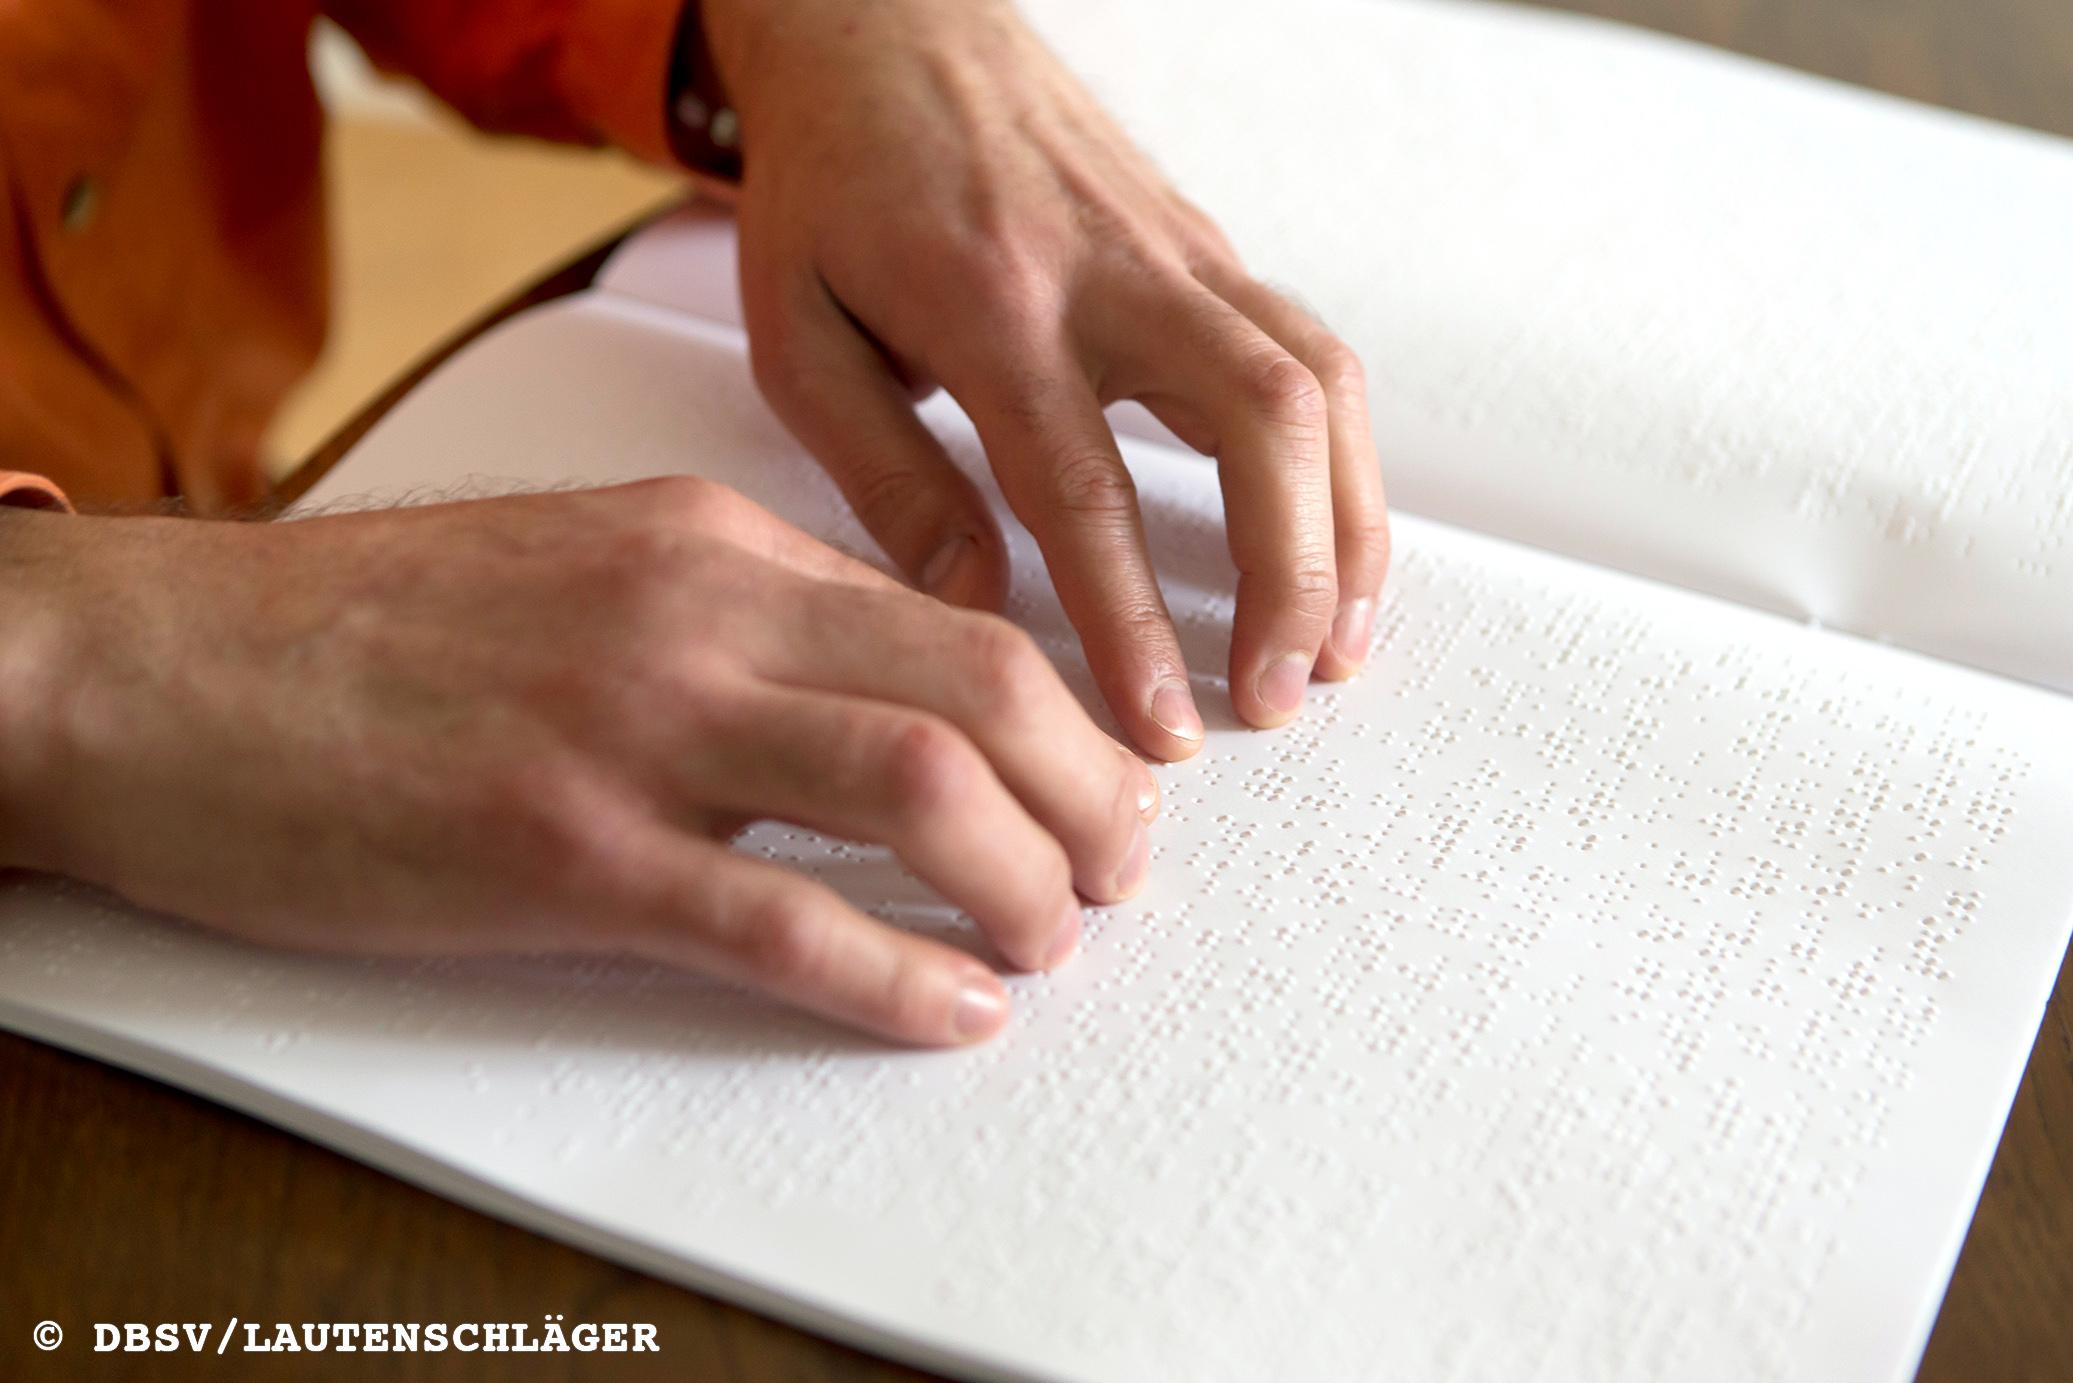 Auf dem Foto sind zwei Hände zu sehen, die ein Heft mit Brailleschrift abtasten.